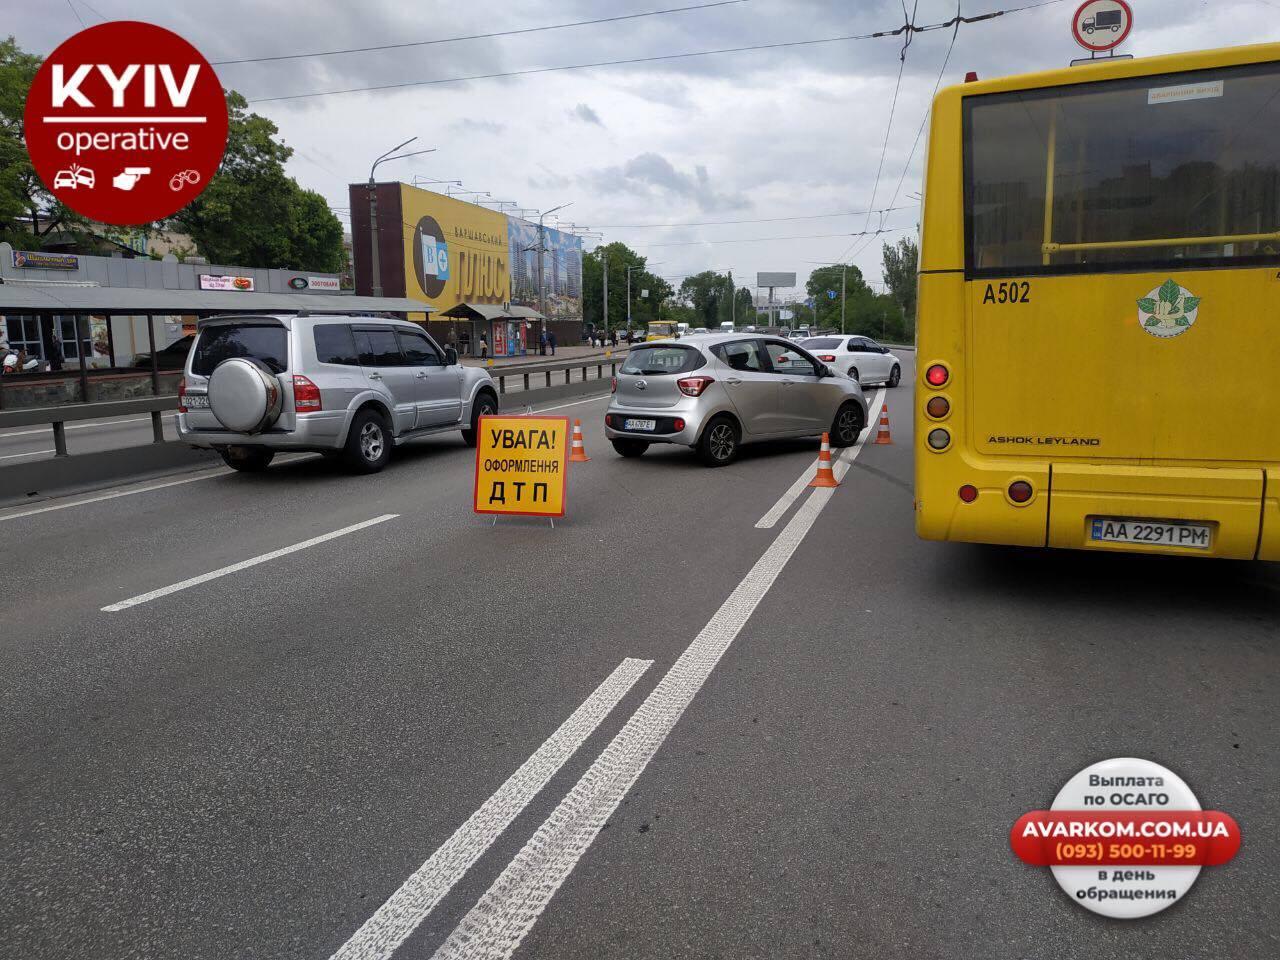 У Києві авто влетіло у зупинку з людьми